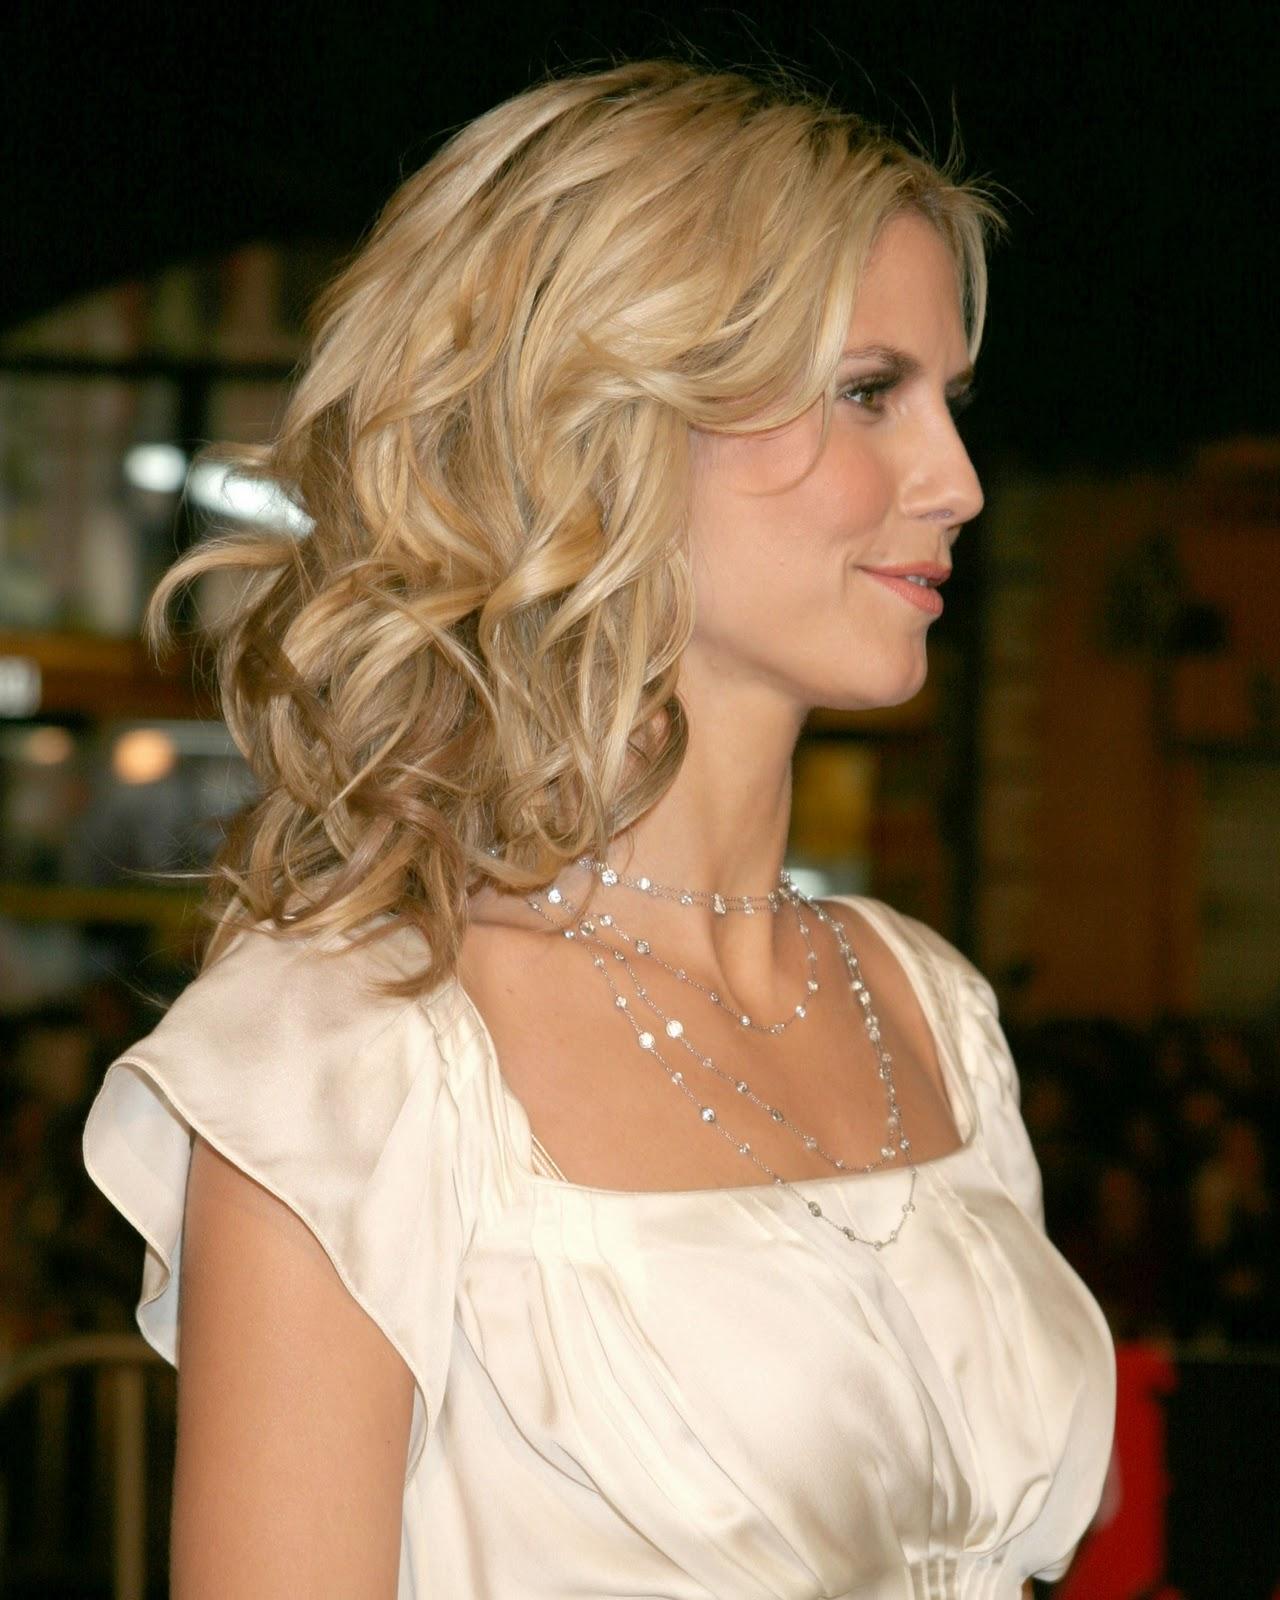 http://3.bp.blogspot.com/-VnrhTrHtAfs/ToTxdcbD2pI/AAAAAAAAAng/aakCTK2weuI/s1600/Heidi-Klum-pics-images-movies-photos-actress-films-pictures+9.jpg